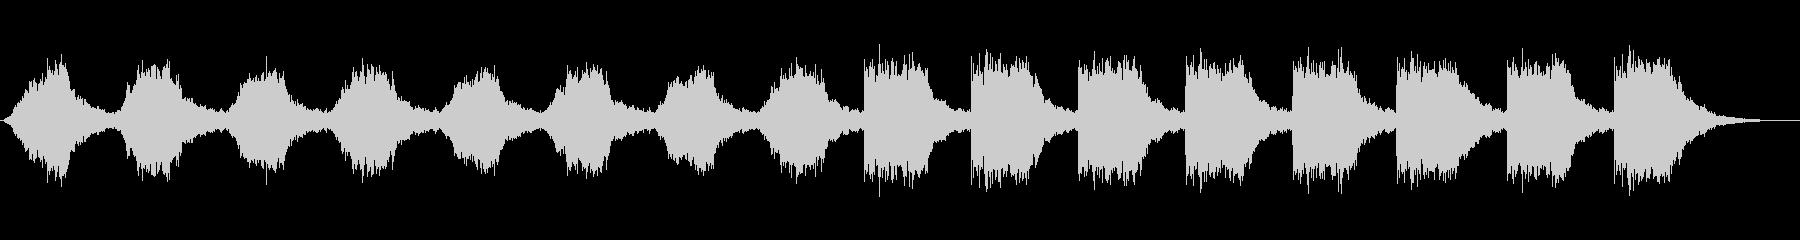 サスペンスやミステリーに適した不気味な曲の未再生の波形